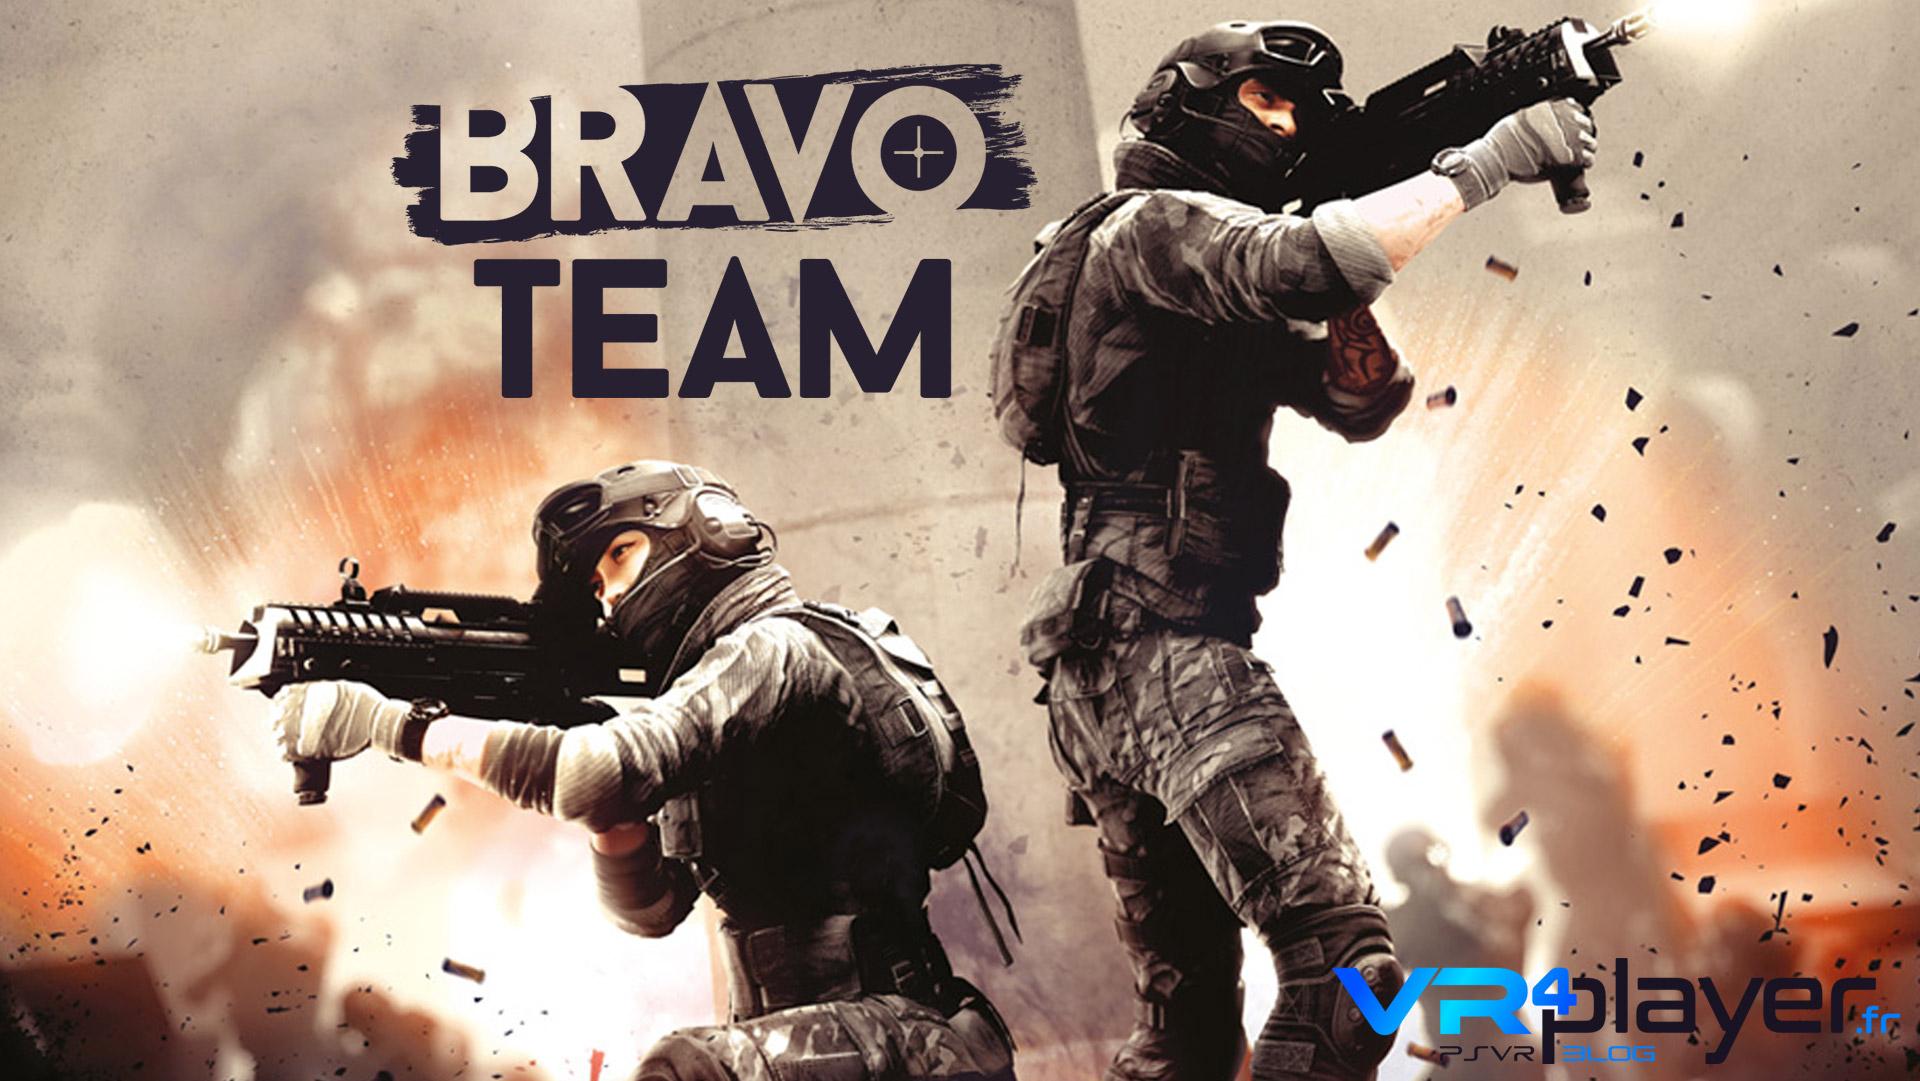 Bravo Team VR4player